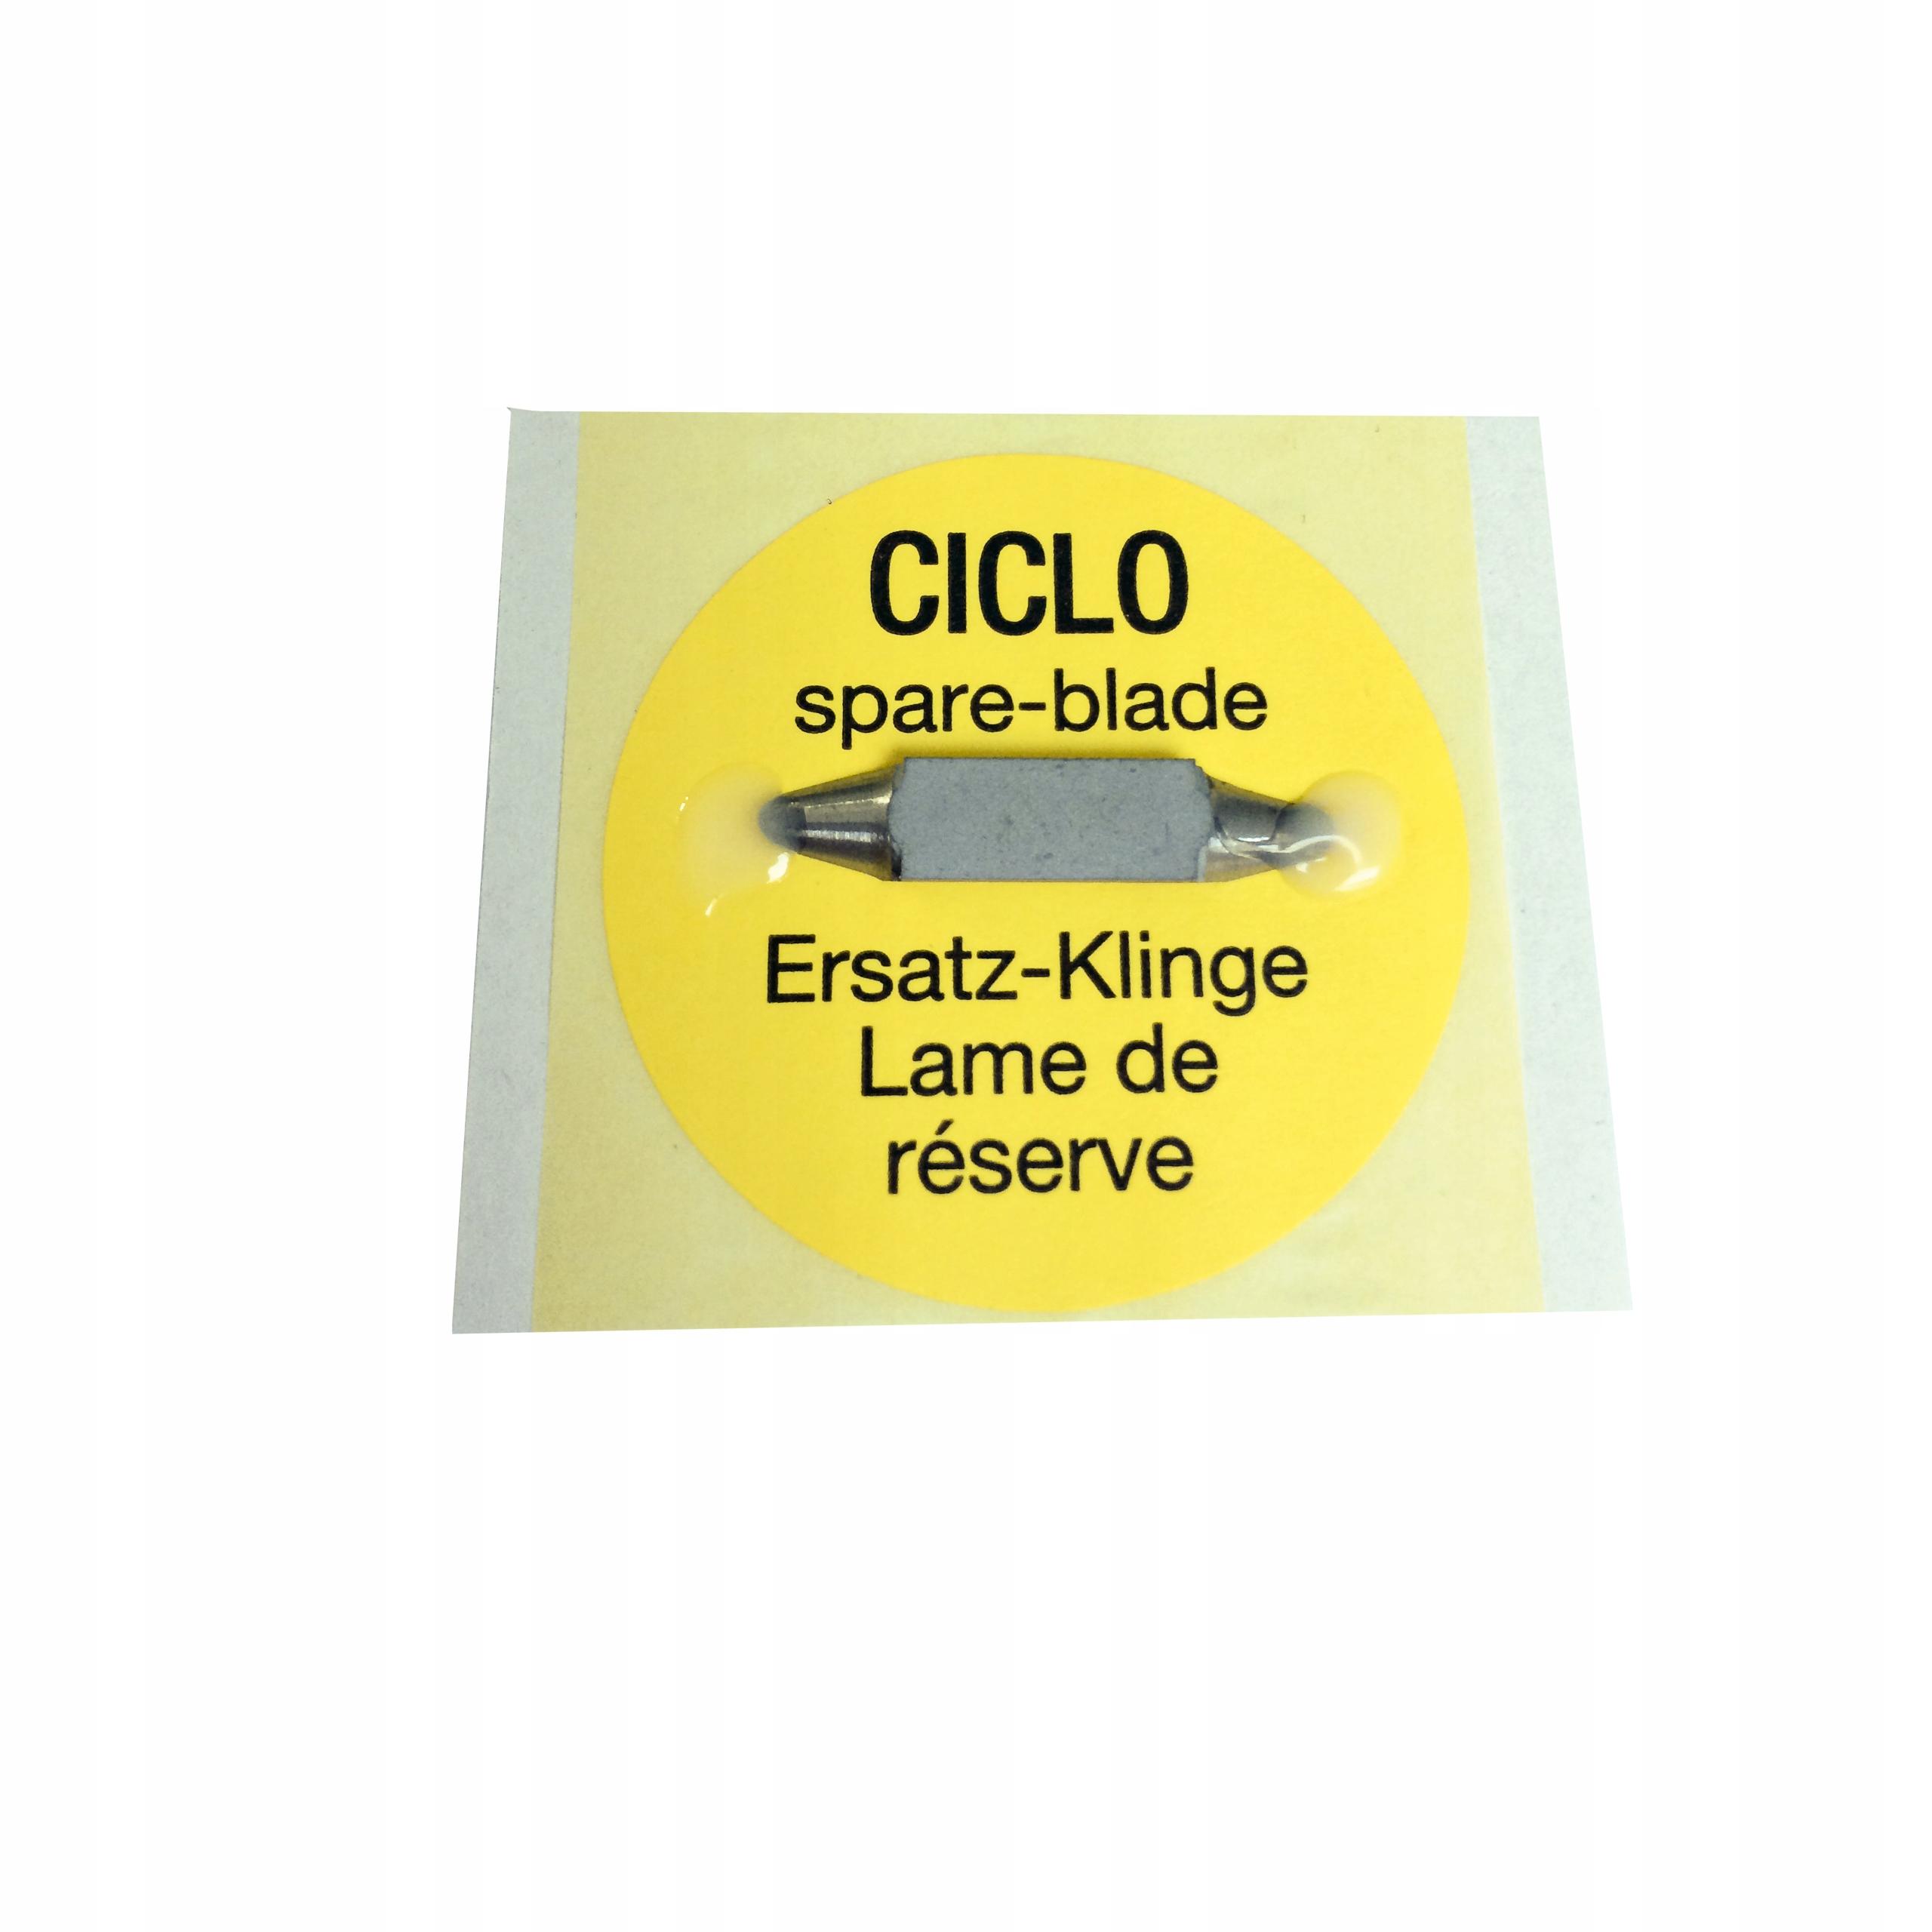 Odnímateľný Karbid noža pre CICLO, švajčiarske frézy